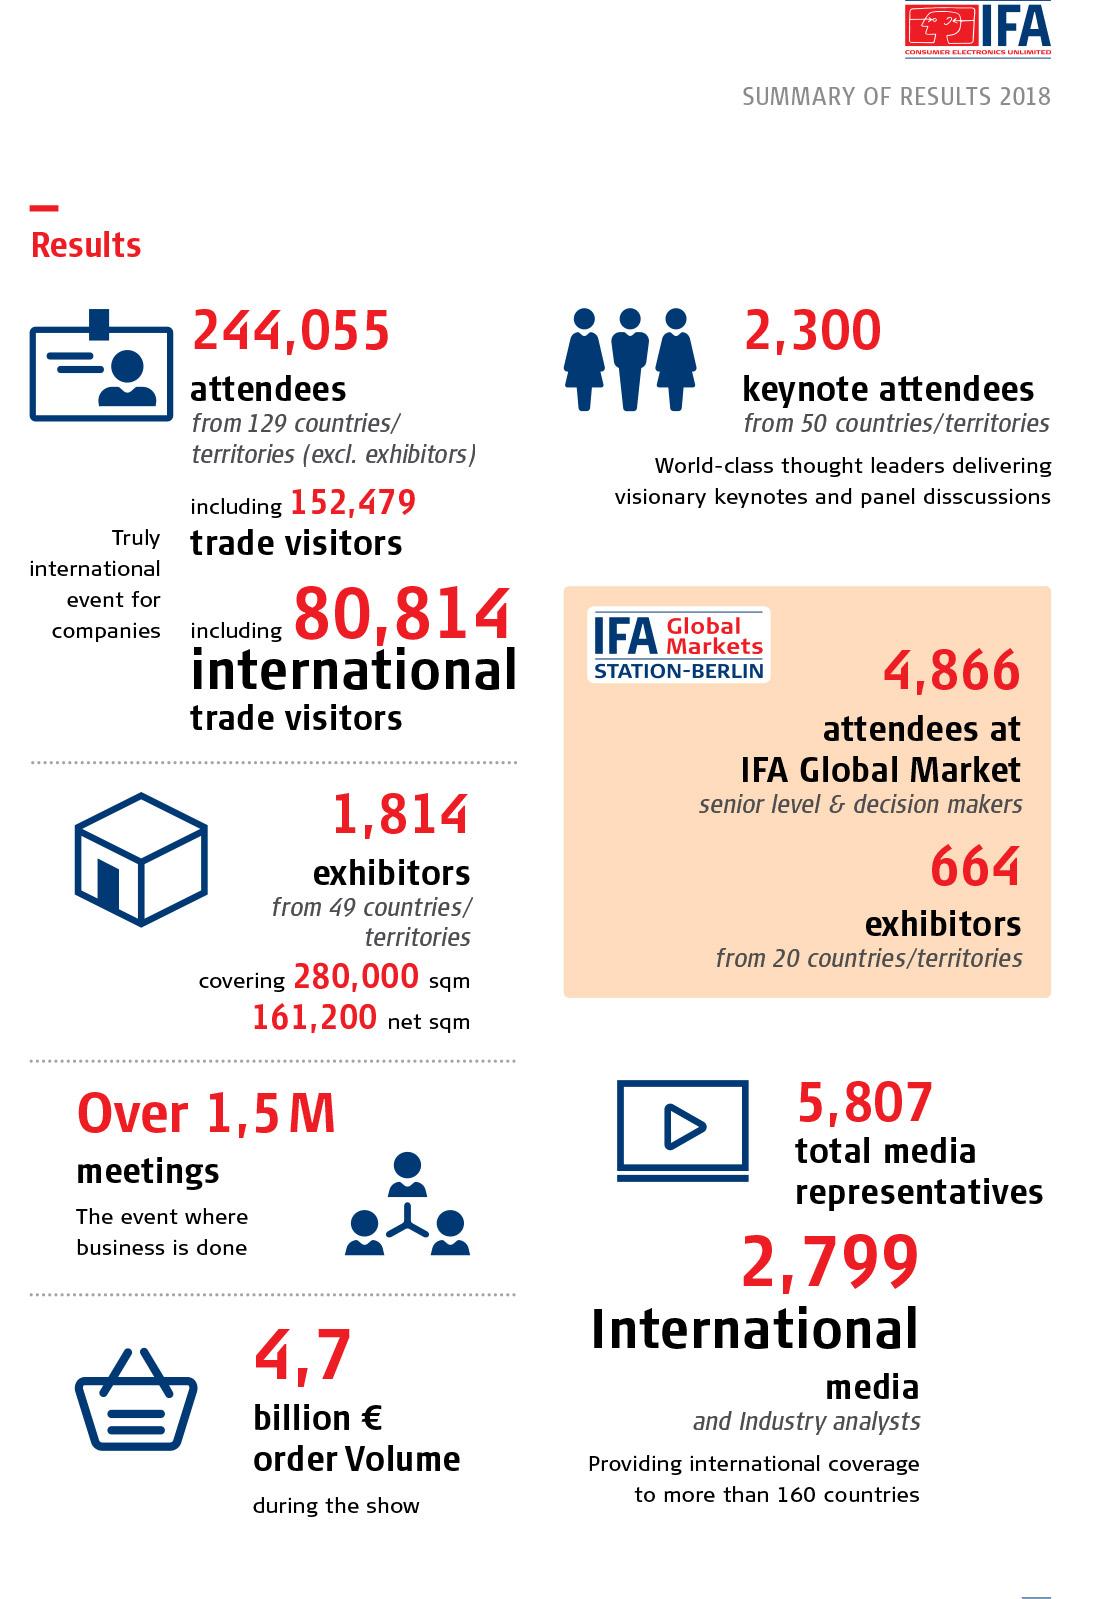 Die IFA 2018 im kompakten Überblick